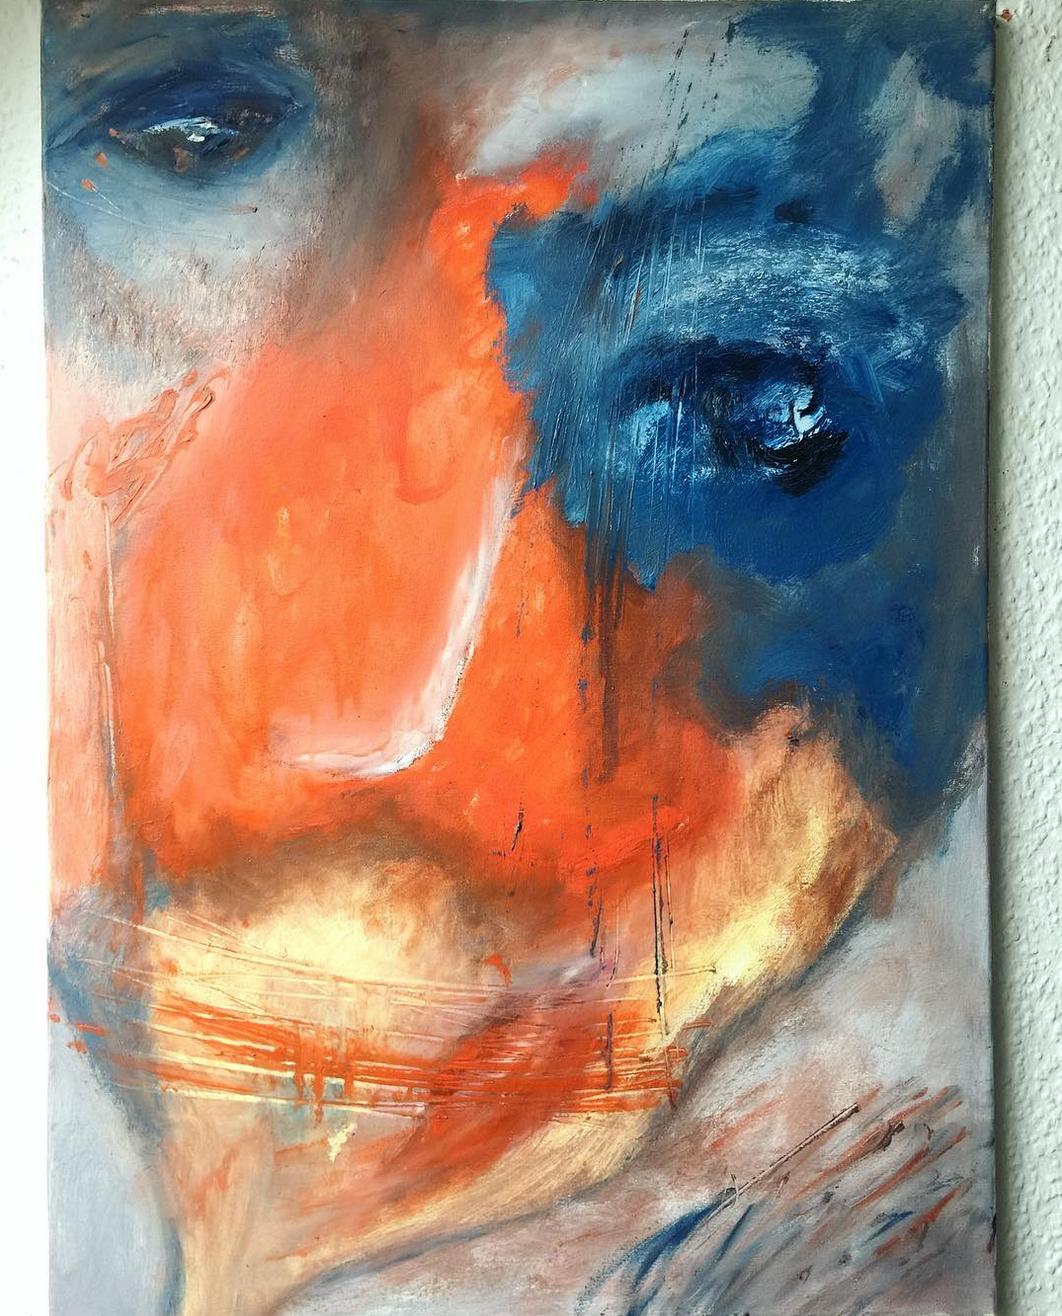 """Echte Unikate """"Faces: Duality?"""" Künstlerin Kvila Bristenia, 50x70, Öl auf Leinwand, 02.2018 Echte Unikate mit viel Liebe zum Detail."""